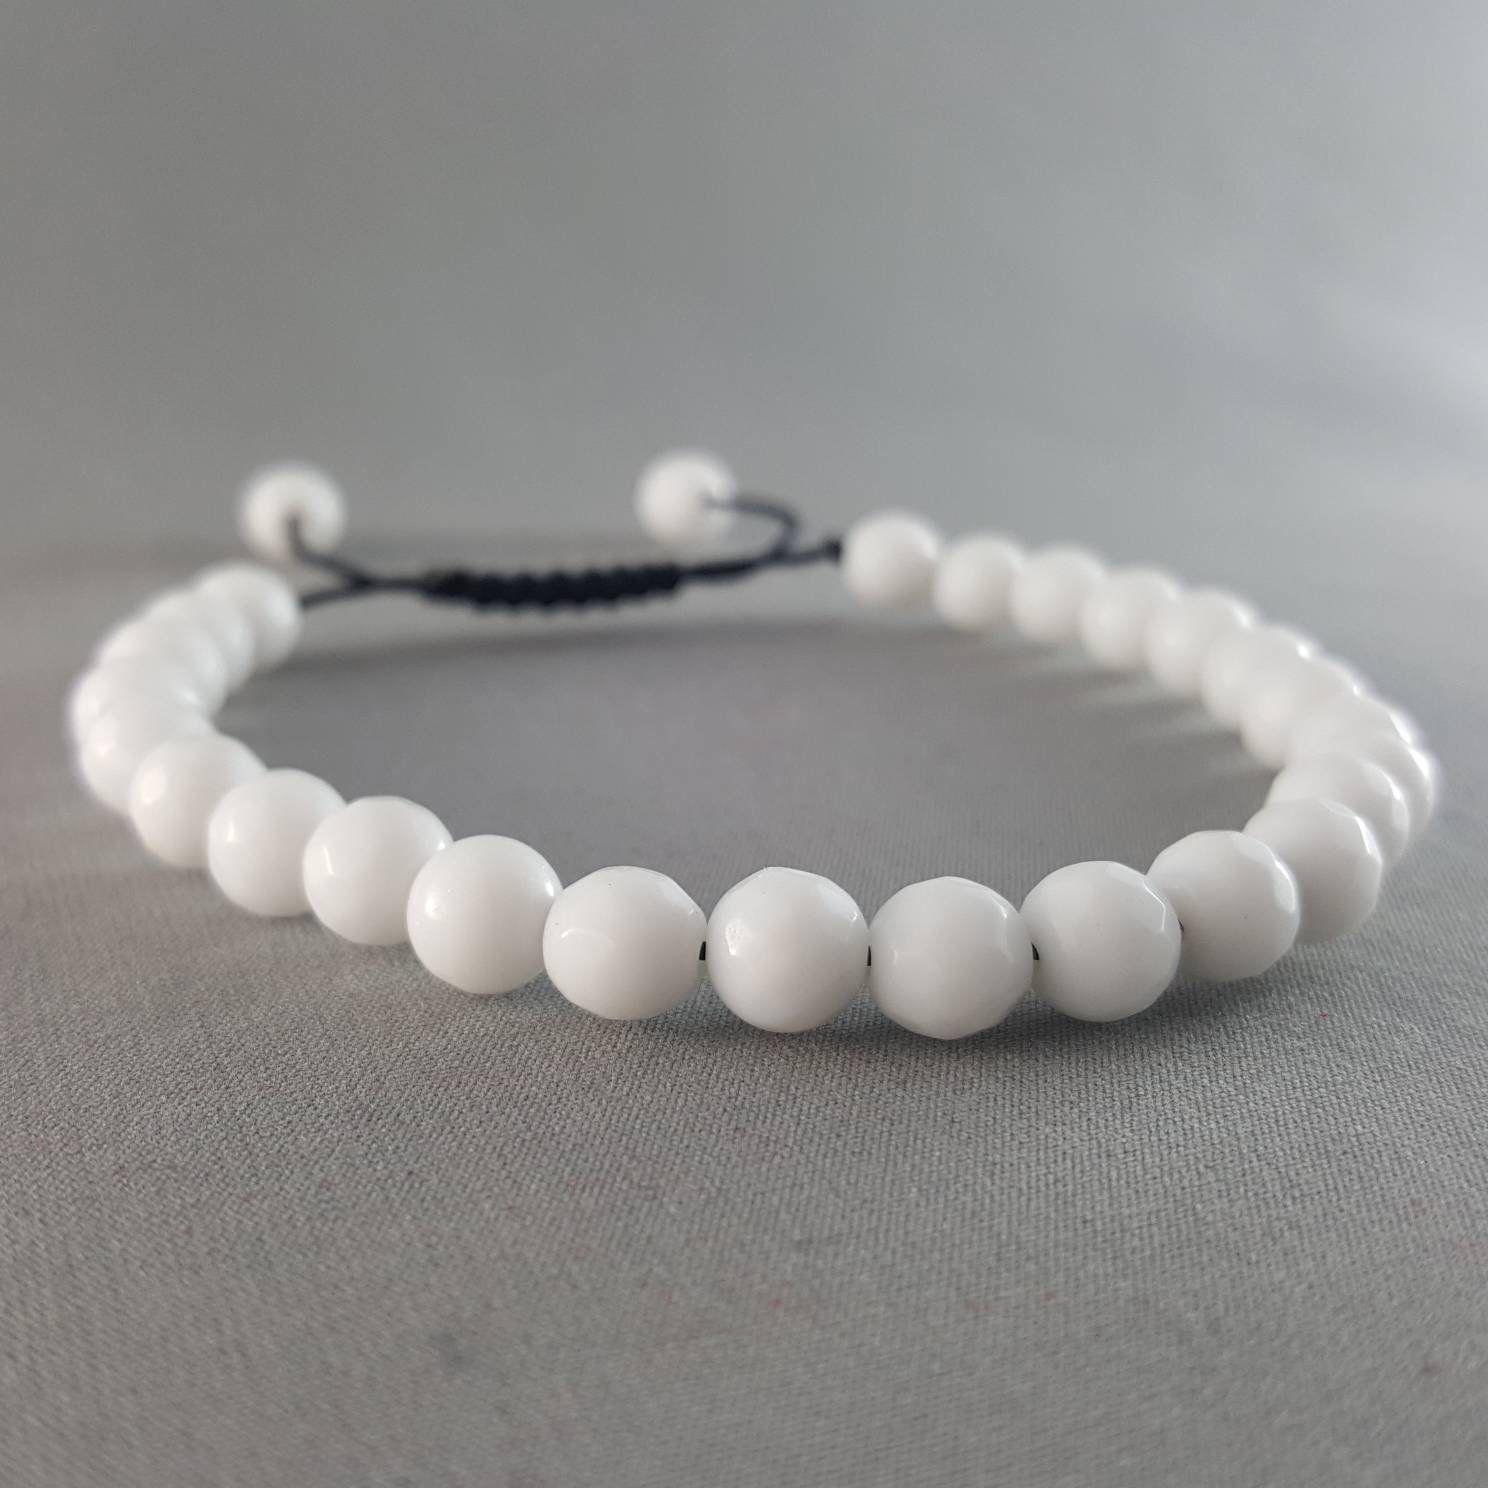 White Alabaster Beaded Bracelet Adjustable Bracelet for Men Women's Present Gift Idea Stocking Stuffer Friendship Bracelet Handmade Jewe.